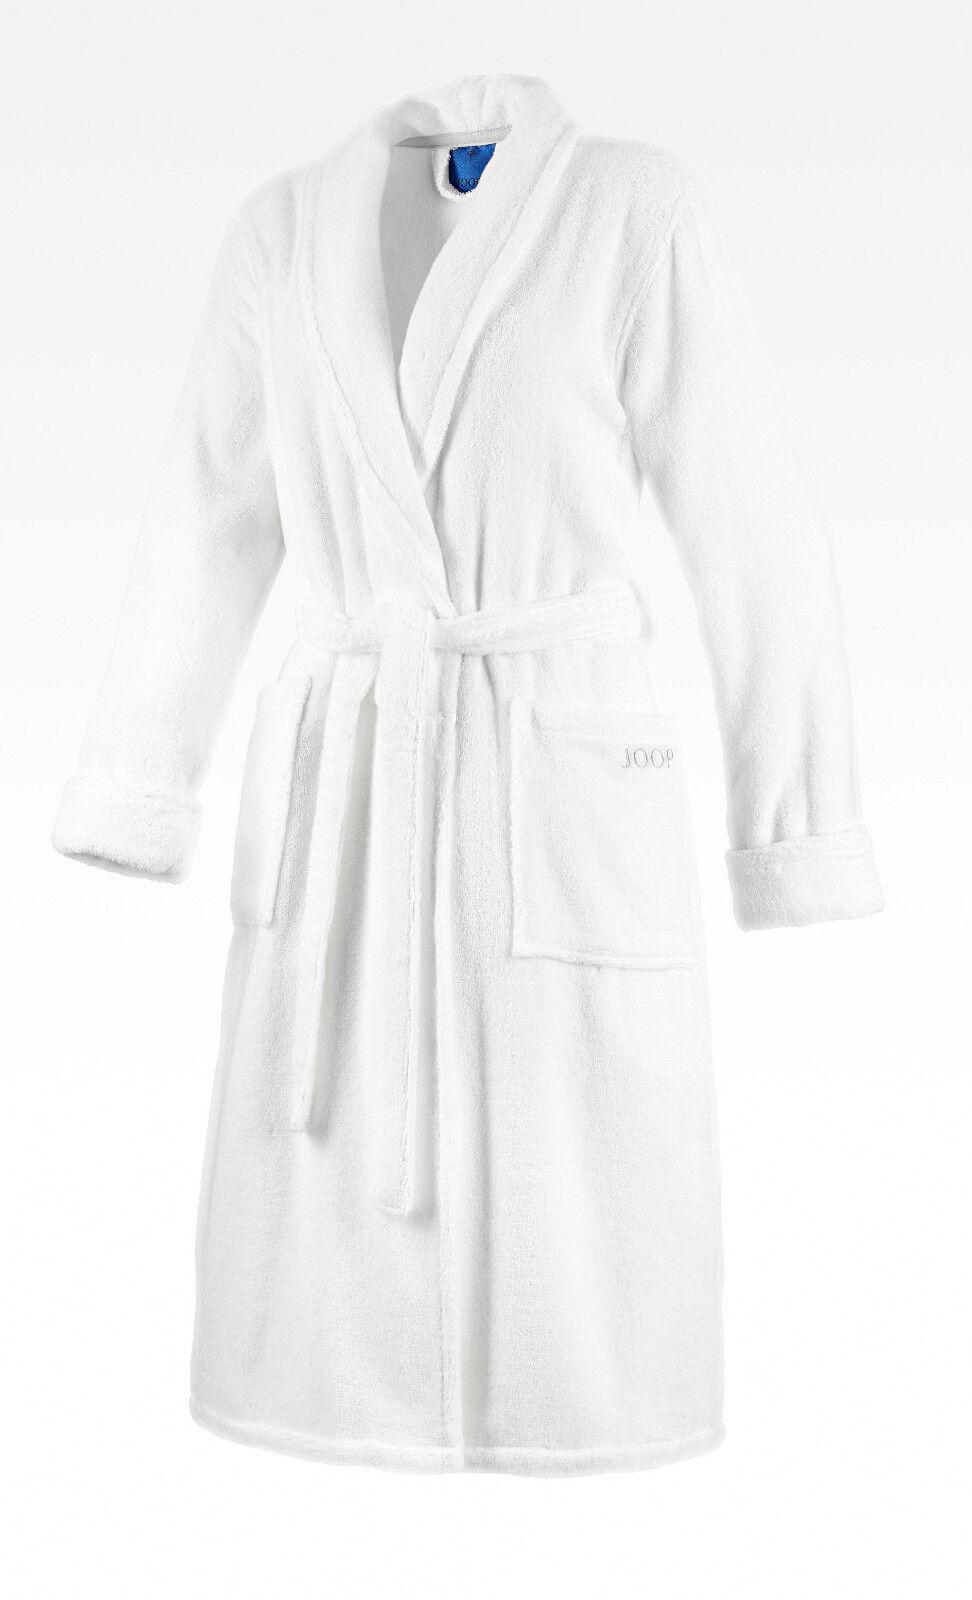 JOOP 1650 Damen Bademantel Größe 36 / 38 S Farbe Weiß mit Schalkragen NEU